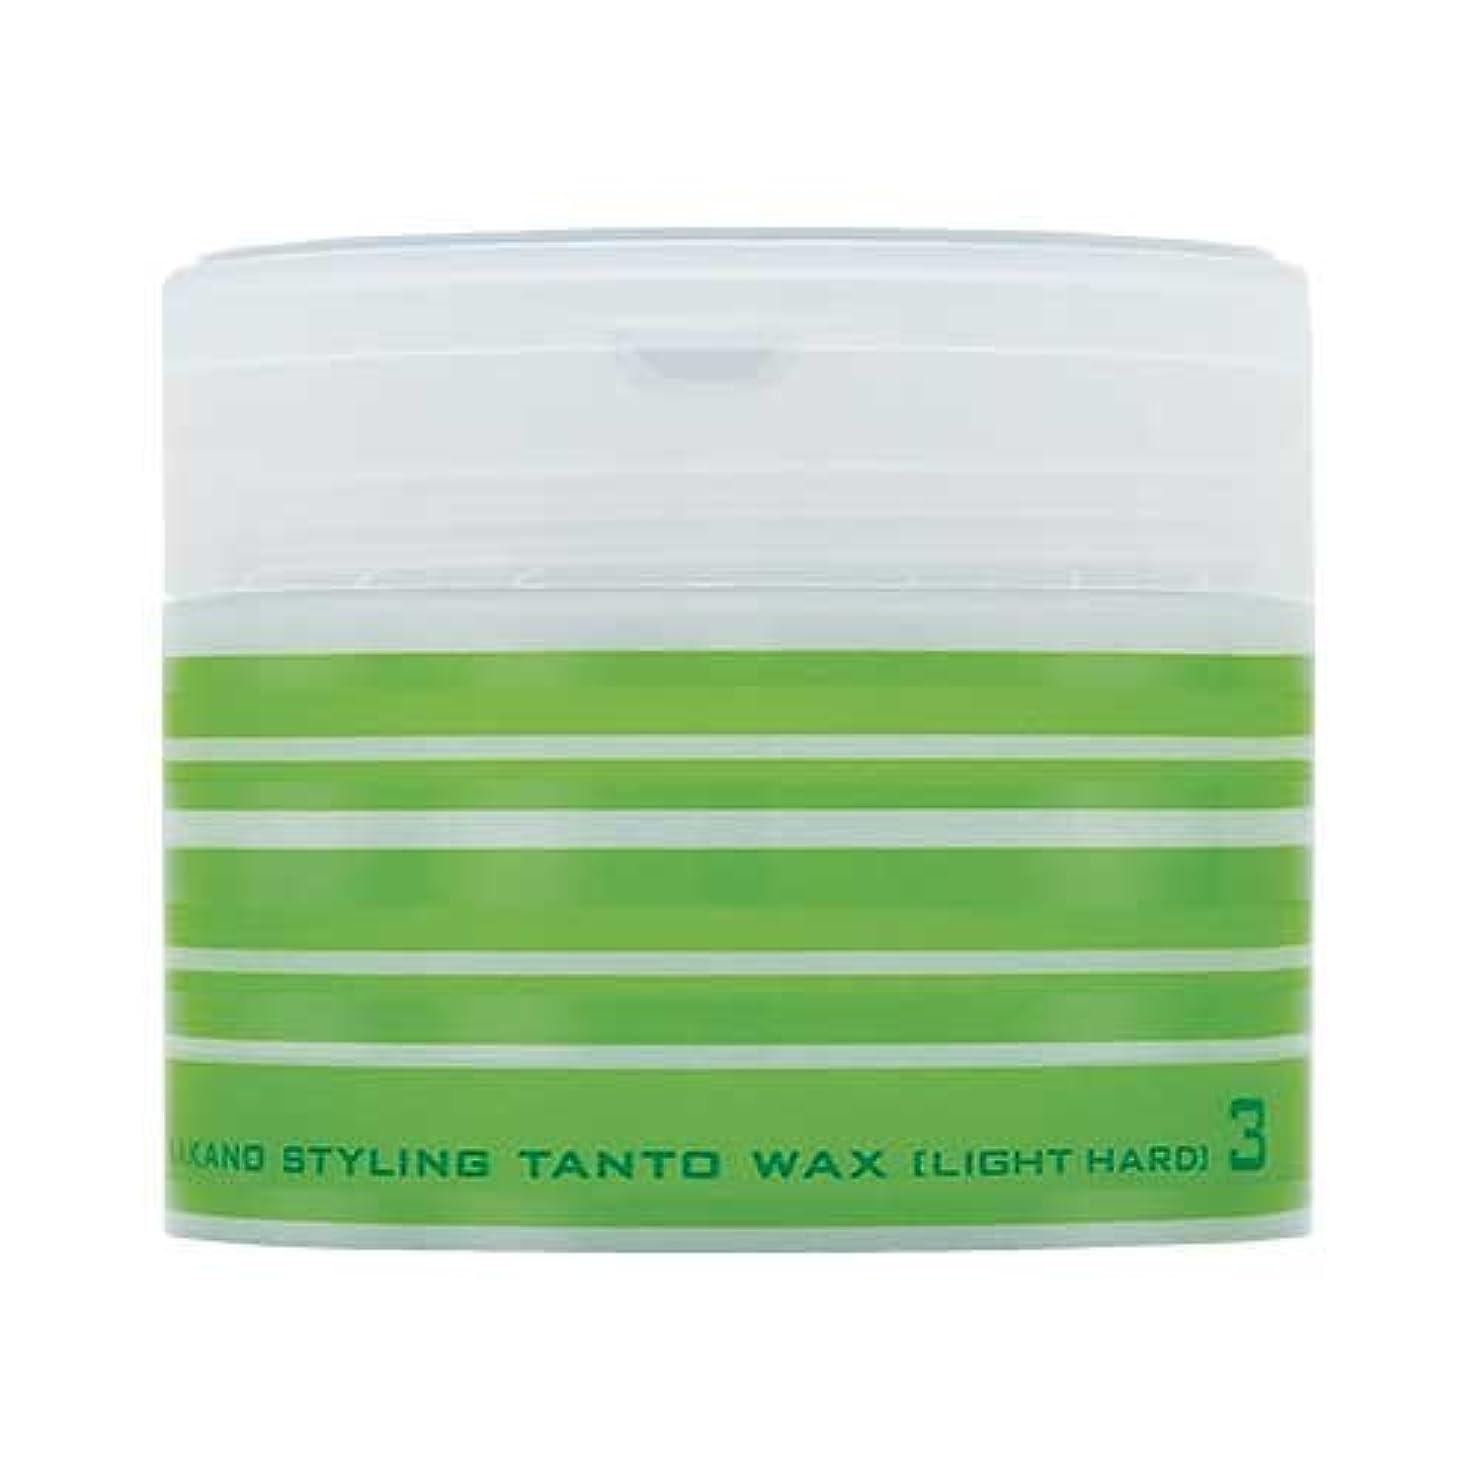 値下げ慣習刺繍ナカノ スタイリング タントN ワックス 3 ライトハード 90g 中野製薬 NAKANO